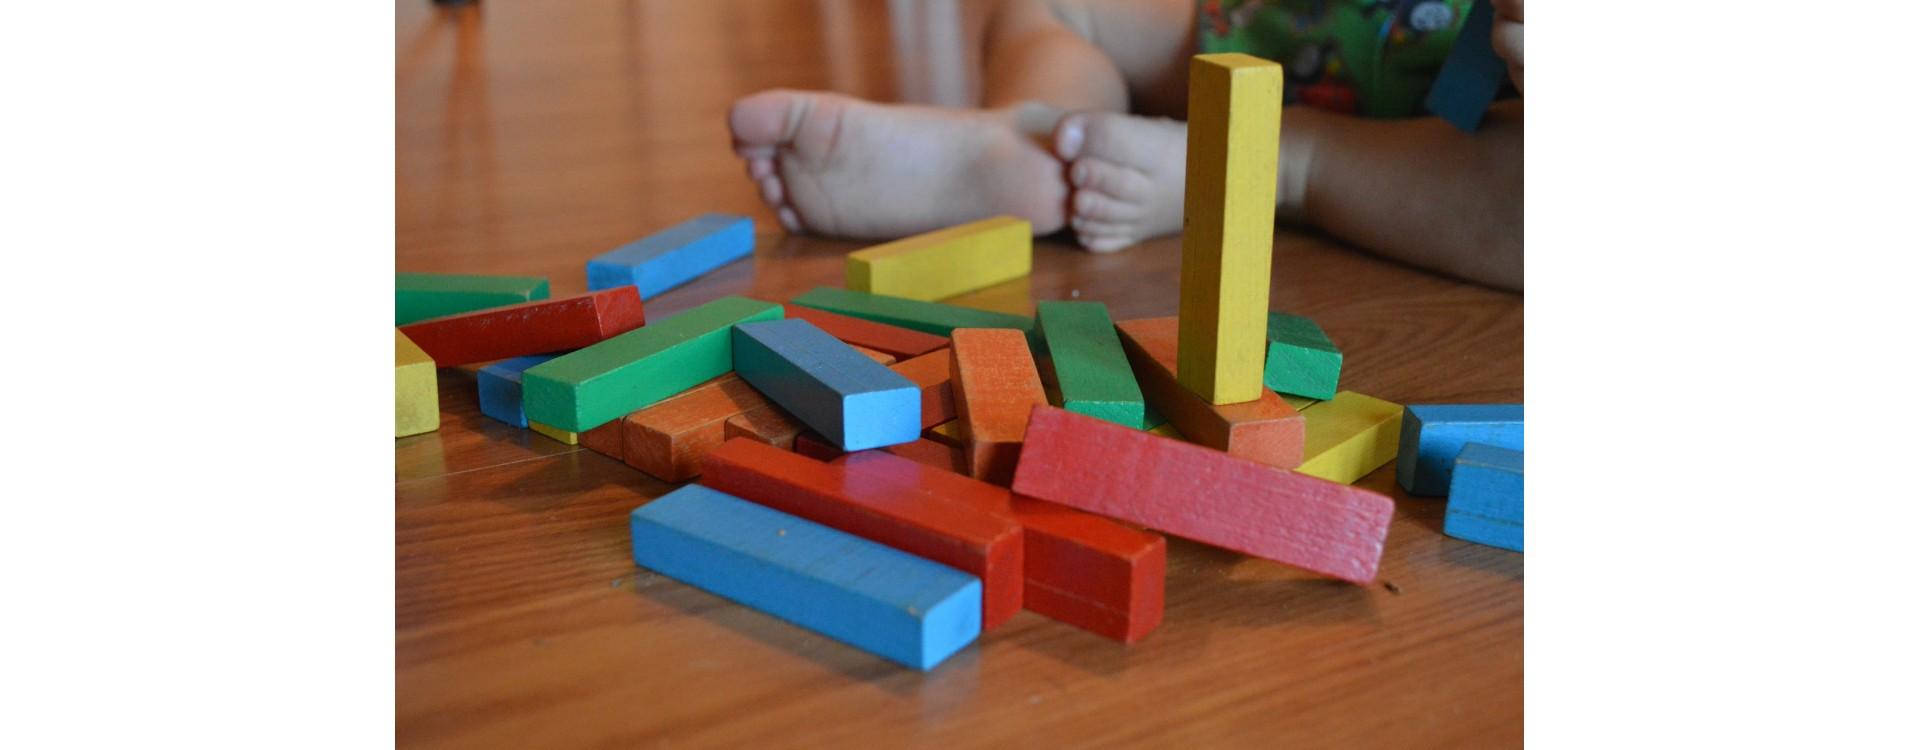 Cuáles son los principios básicos del método Montessori